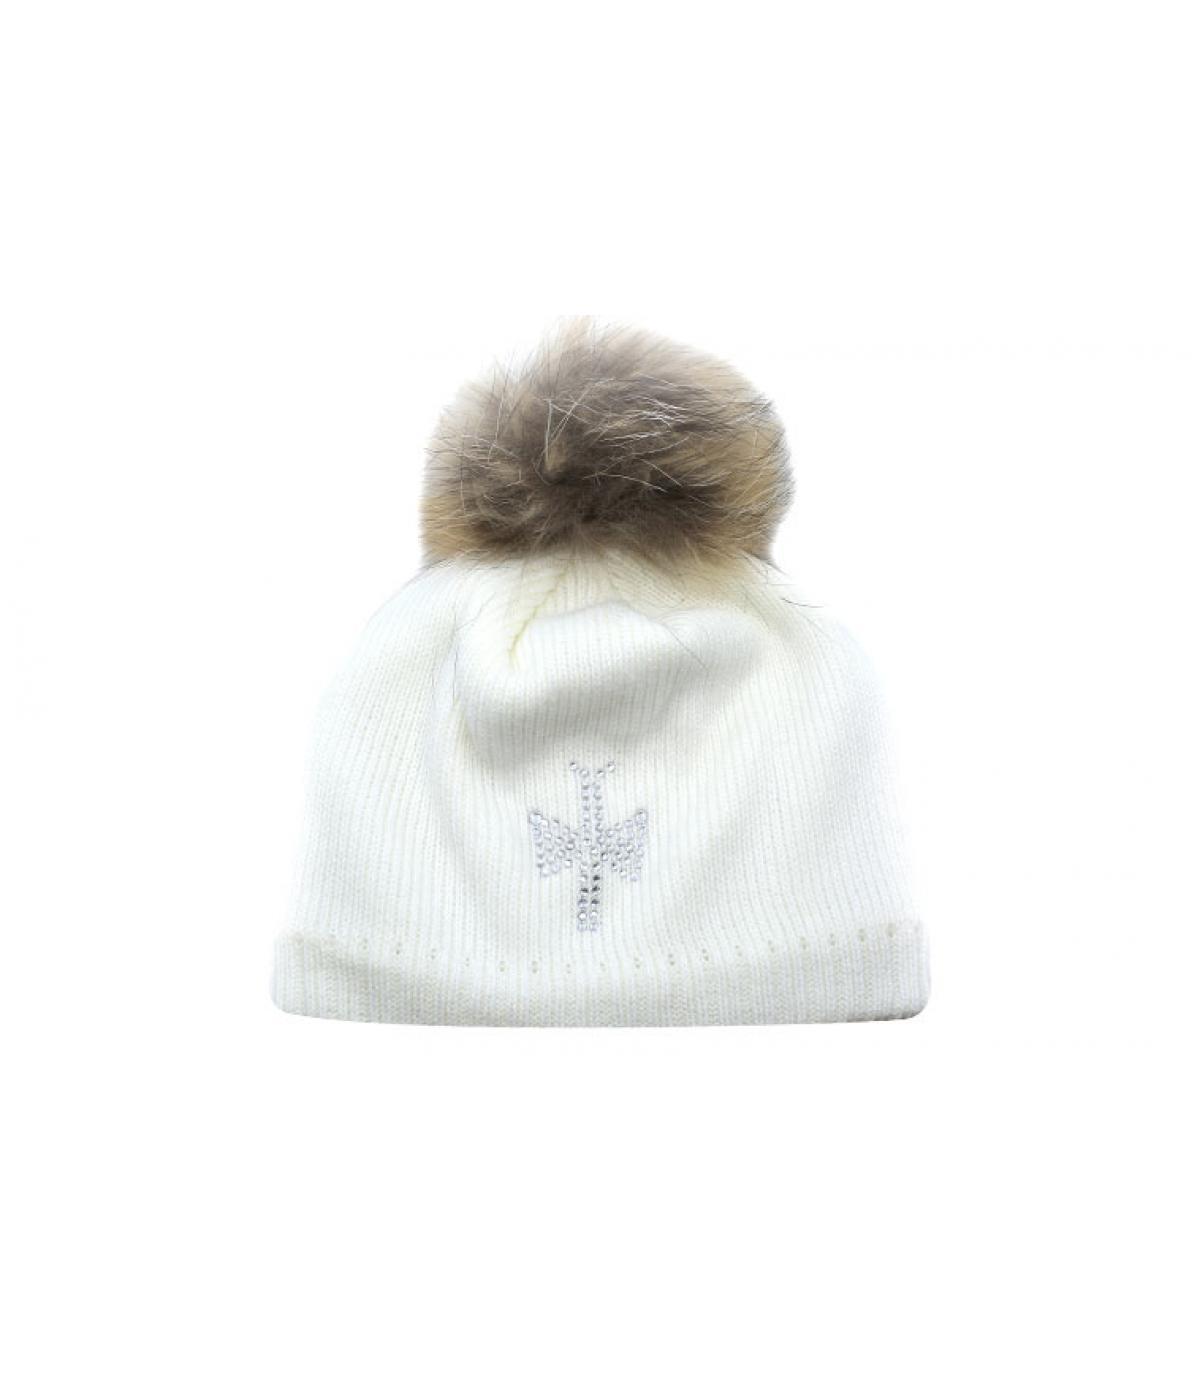 Cappello Invernale Bambino - Acquisto   Vendita Cappelli invernali Bambino  - Shop online Headict. 6cedee85bff3